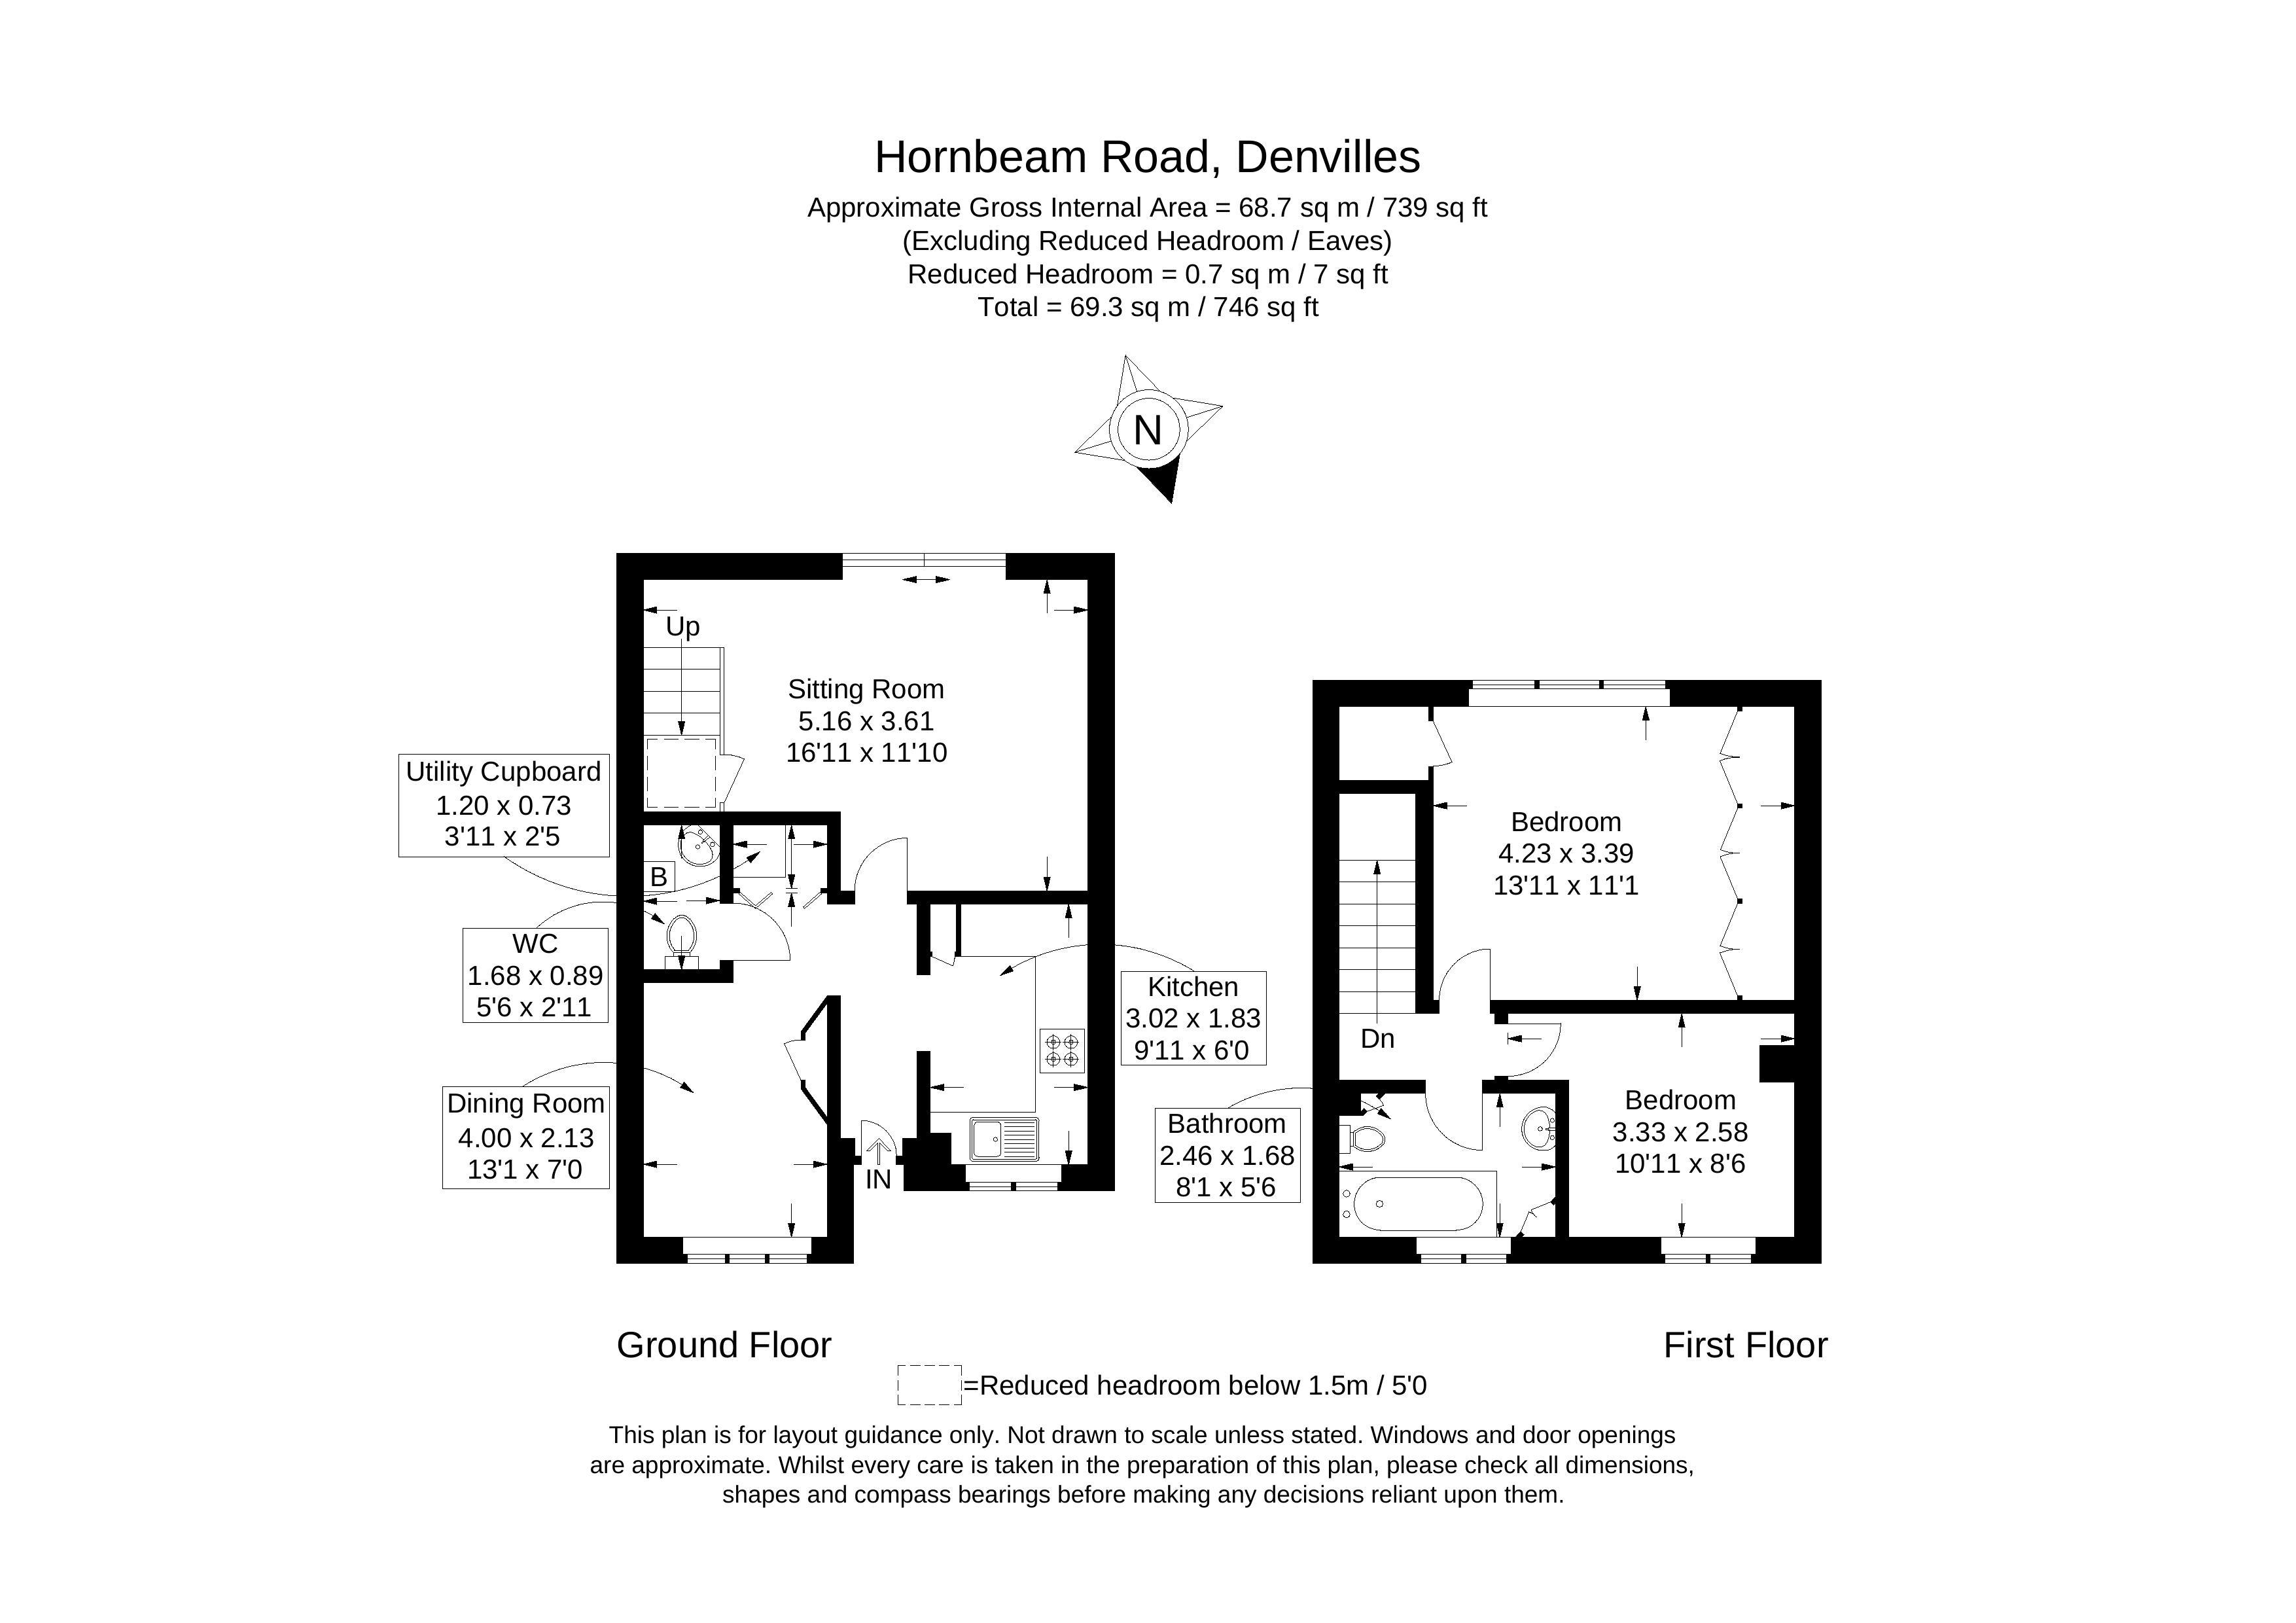 Hornbeam Road Denvilles